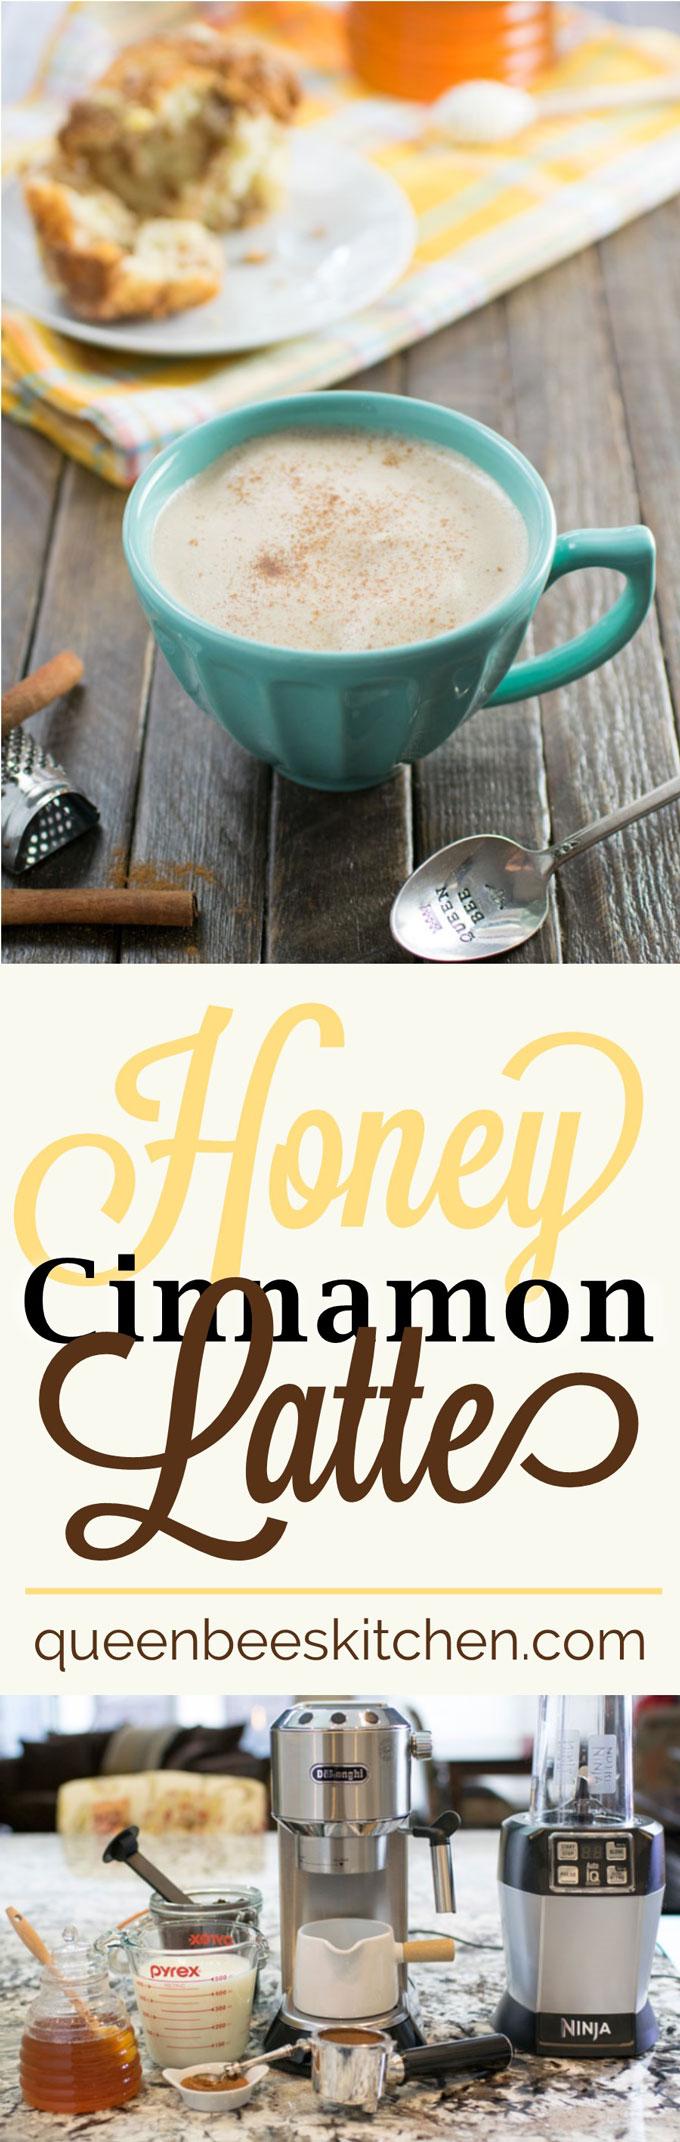 Honey Cinnamon Latte - YUM